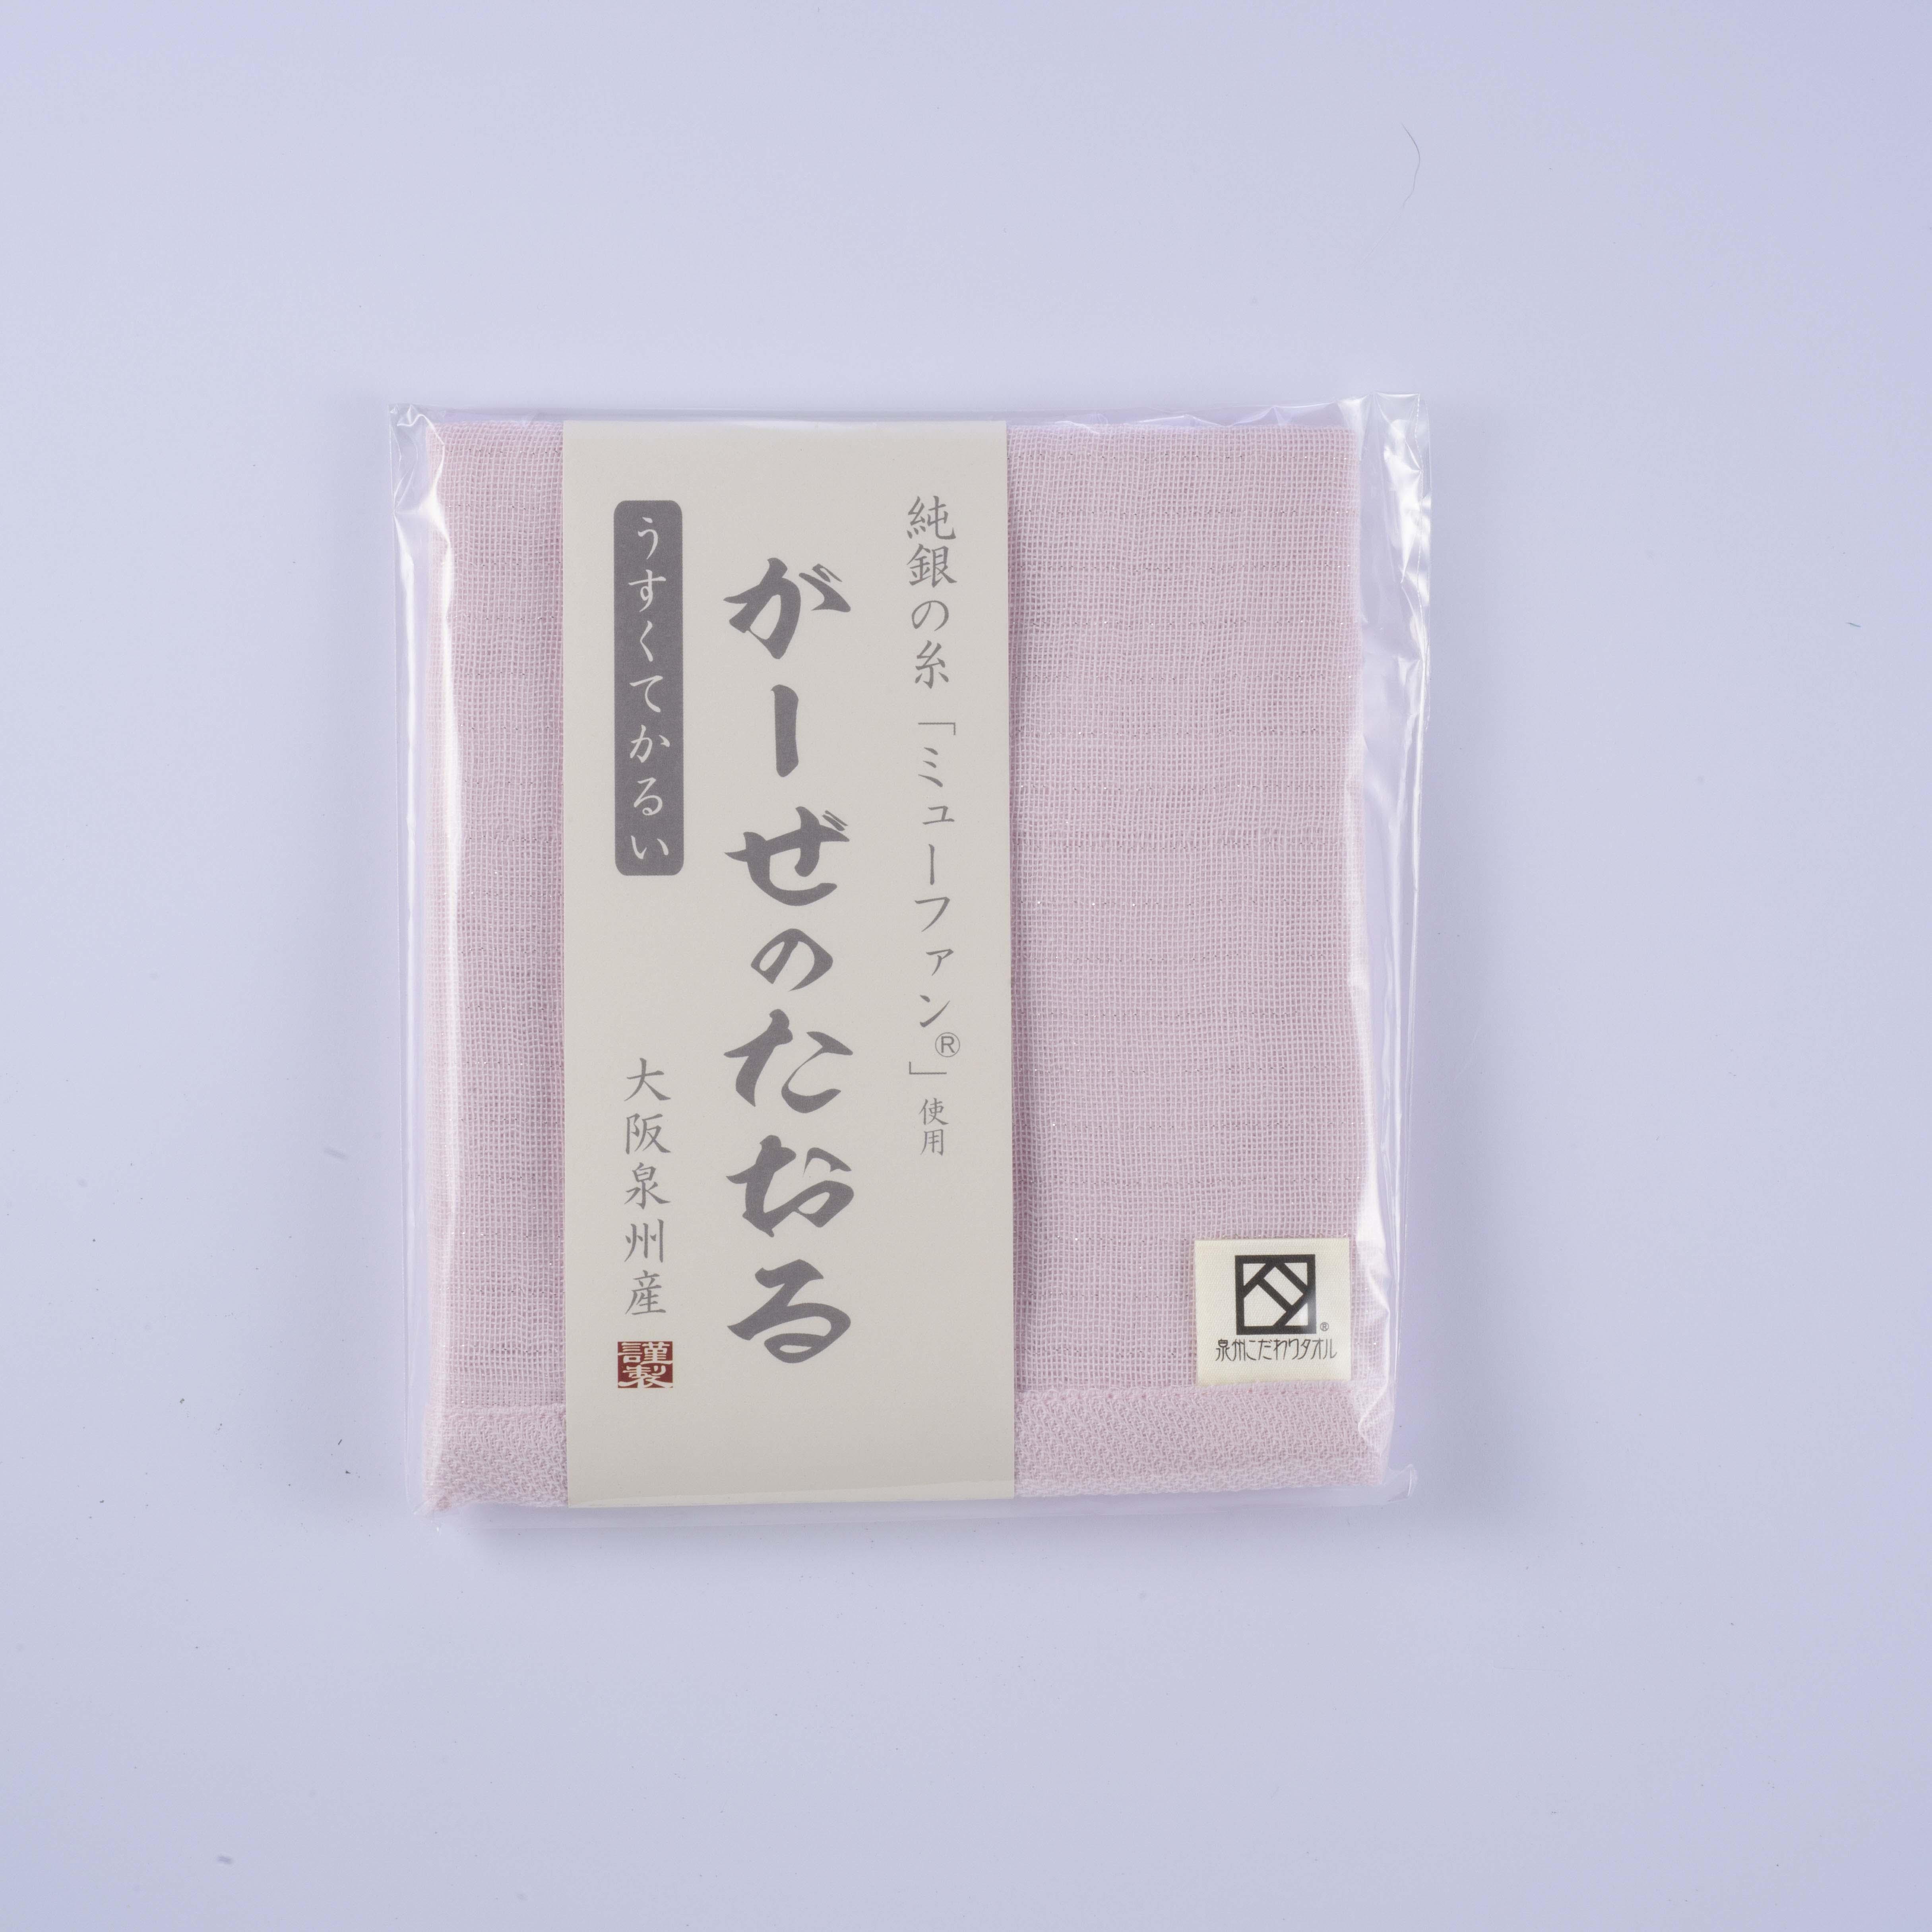 日本製大阪泉州+mju-func®銀纖維抗菌.防臭棉紗毛巾(淺粉紅)-妙屋房